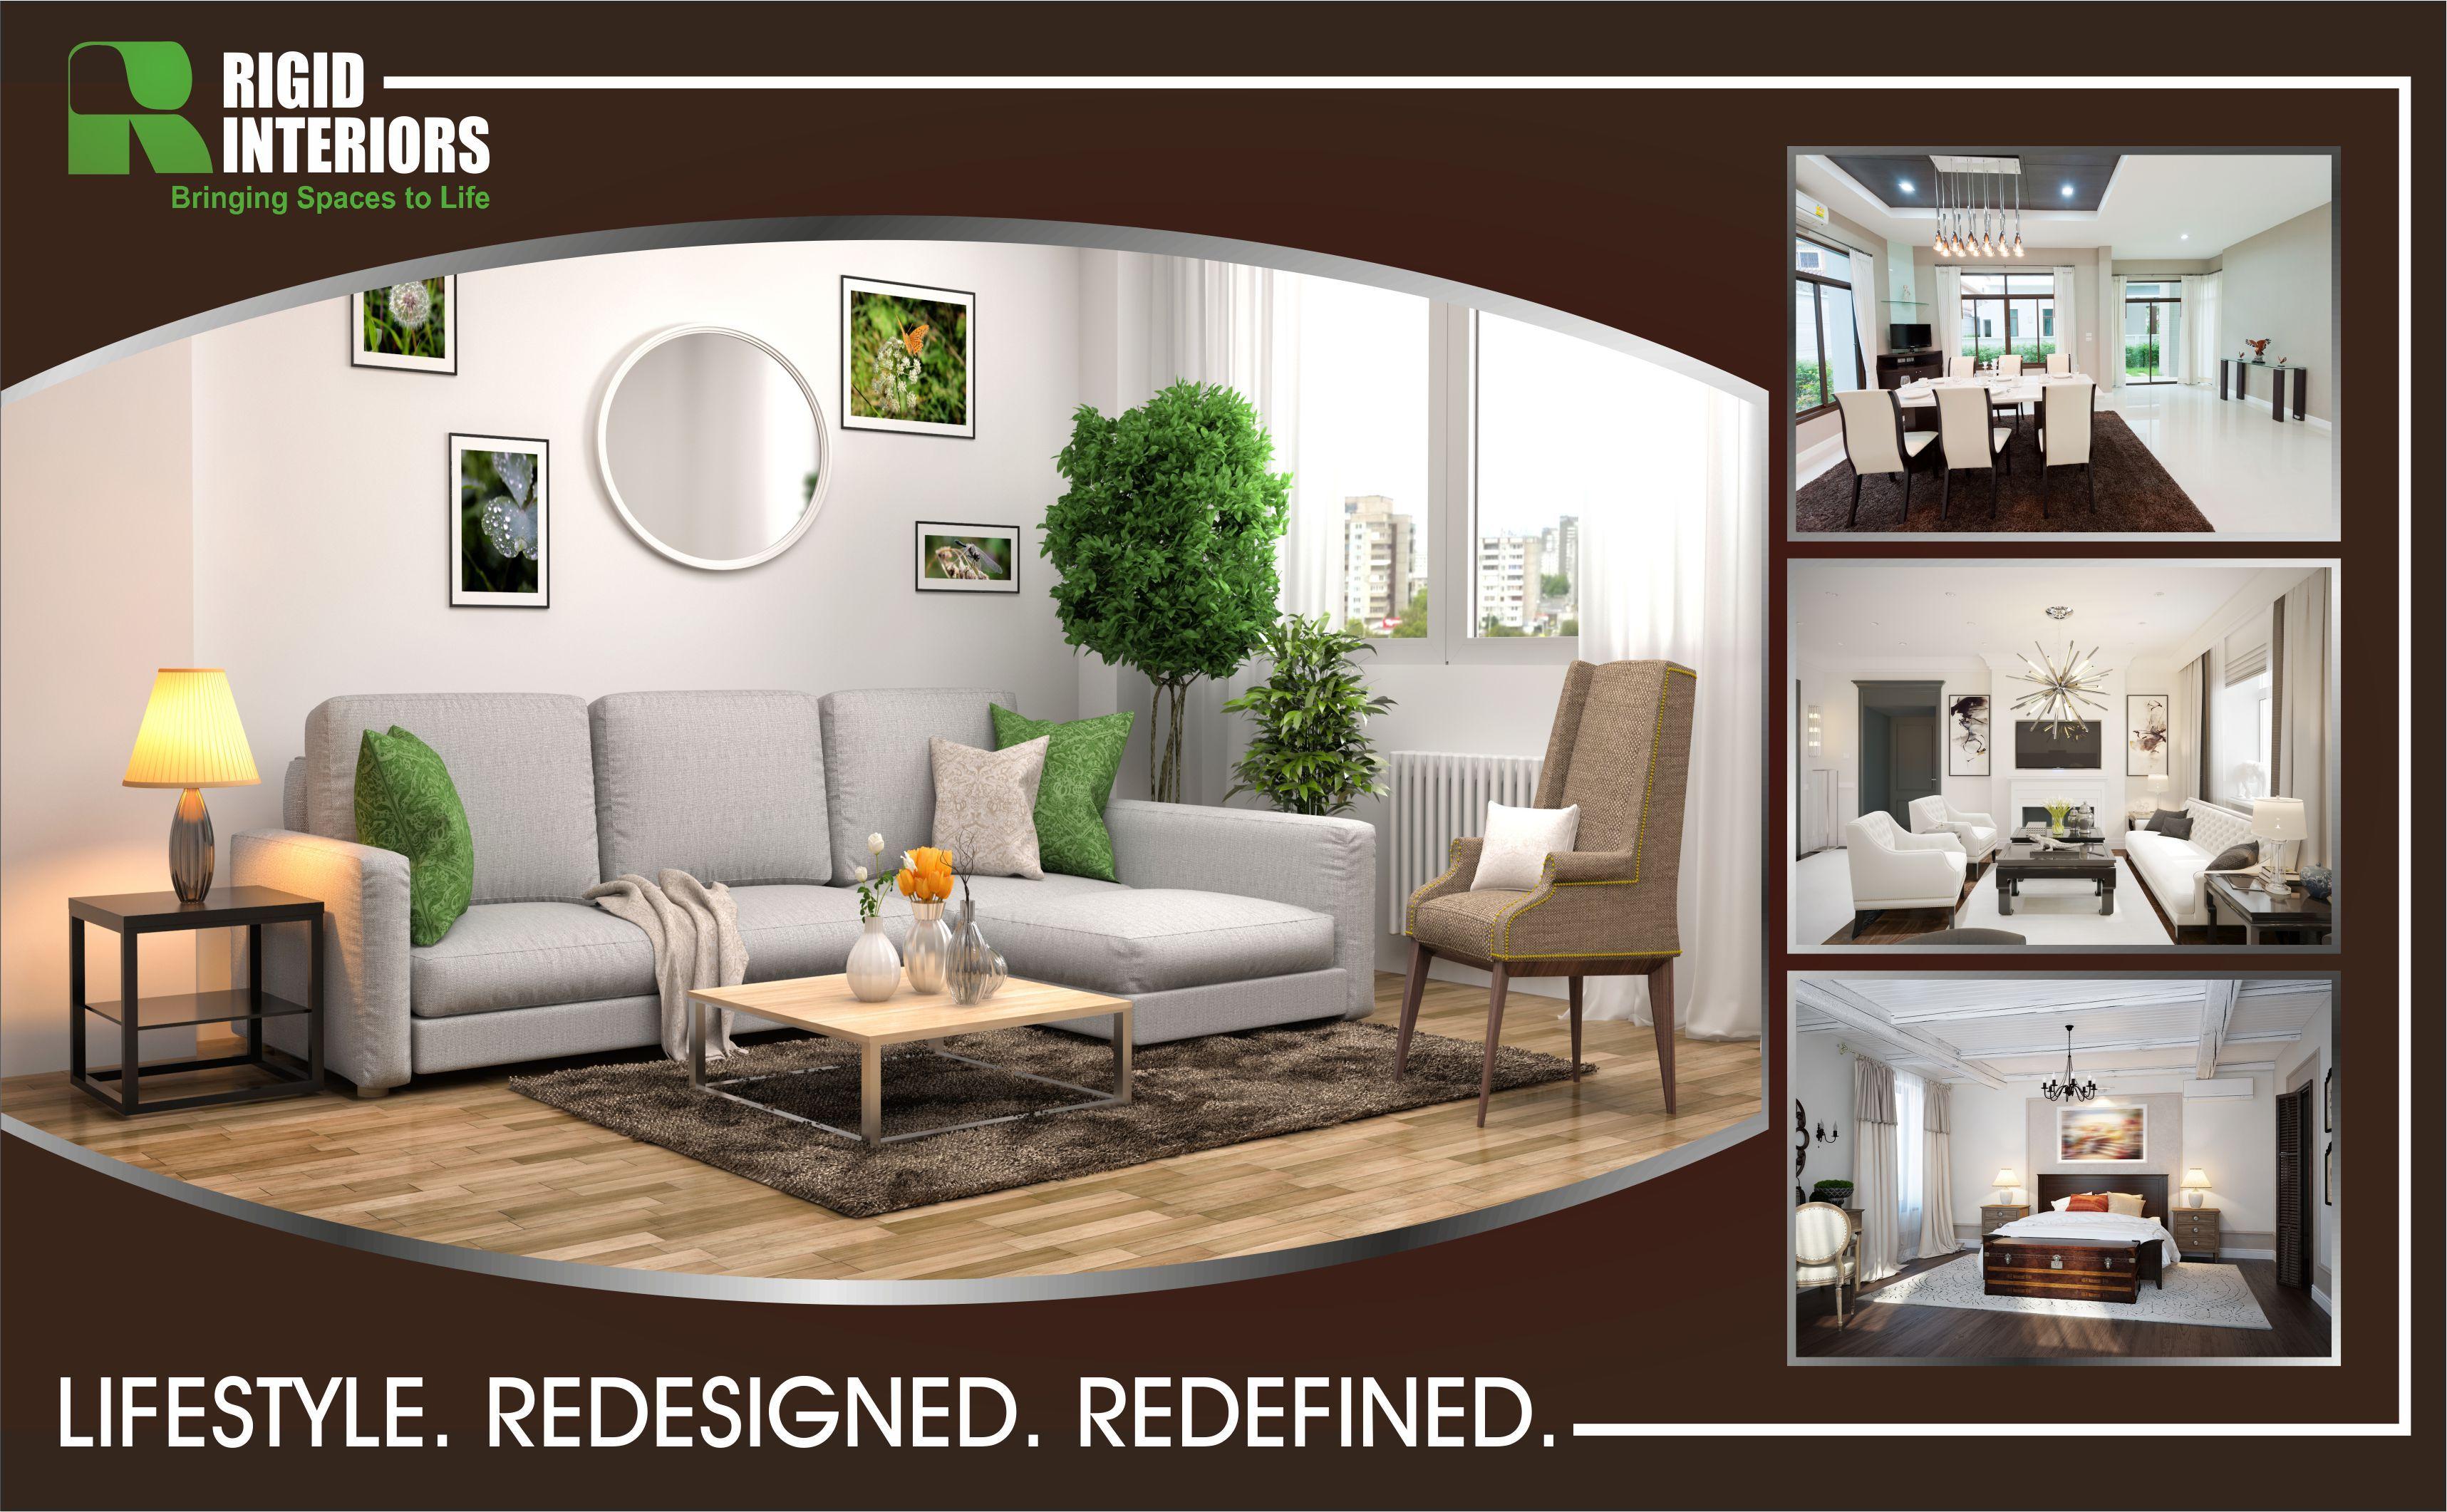 One Of The Best Interior Design Companies In Dubai Rigid Interior